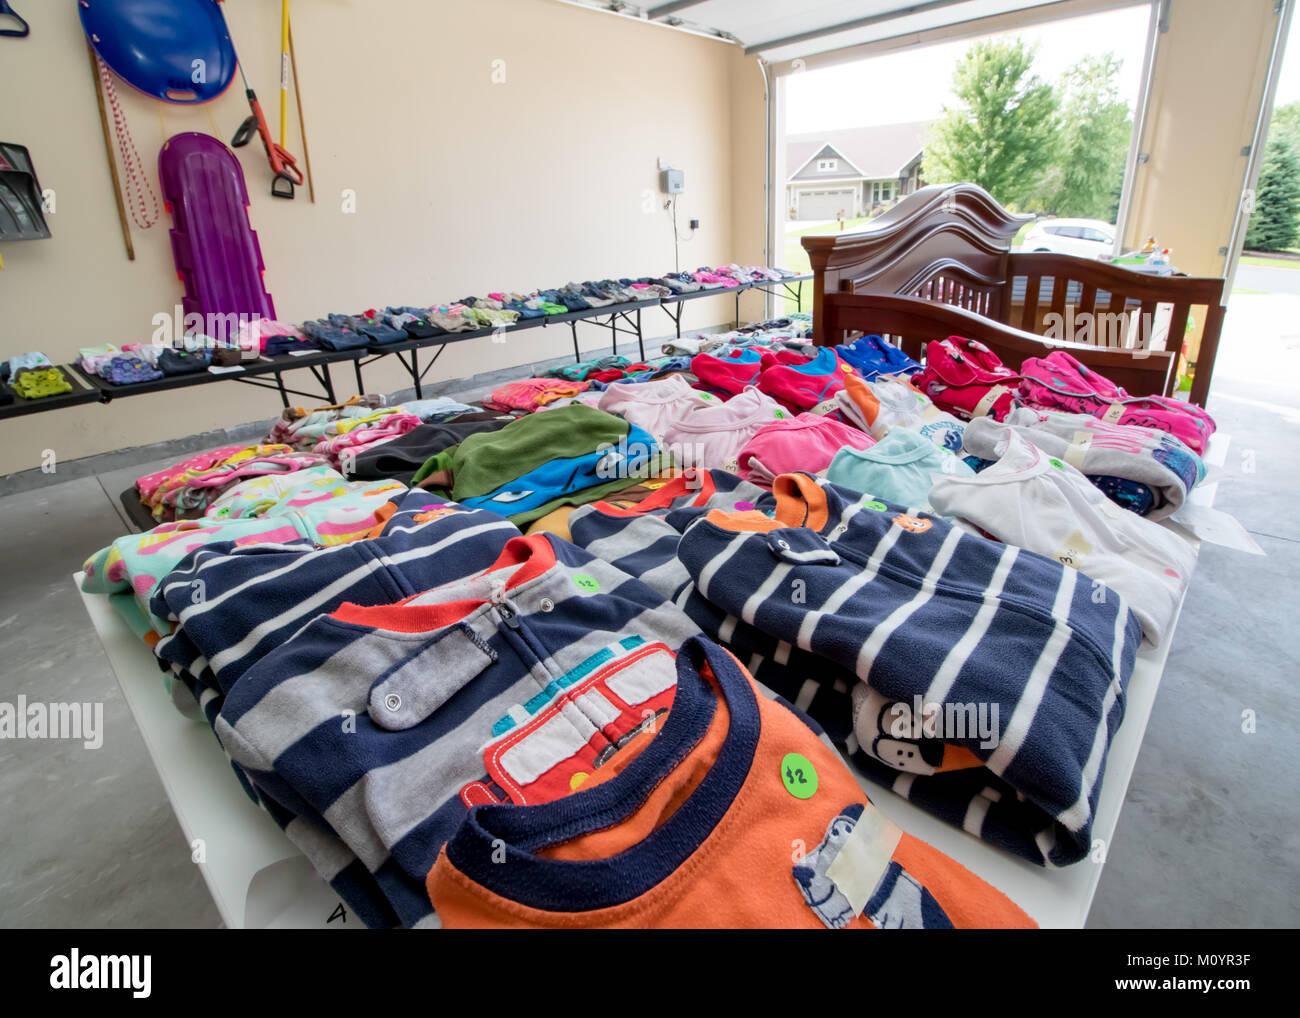 Tablas lleno de platos, juguetes y ropa de niños para venta en un típico americano venta de garaje Imagen De Stock